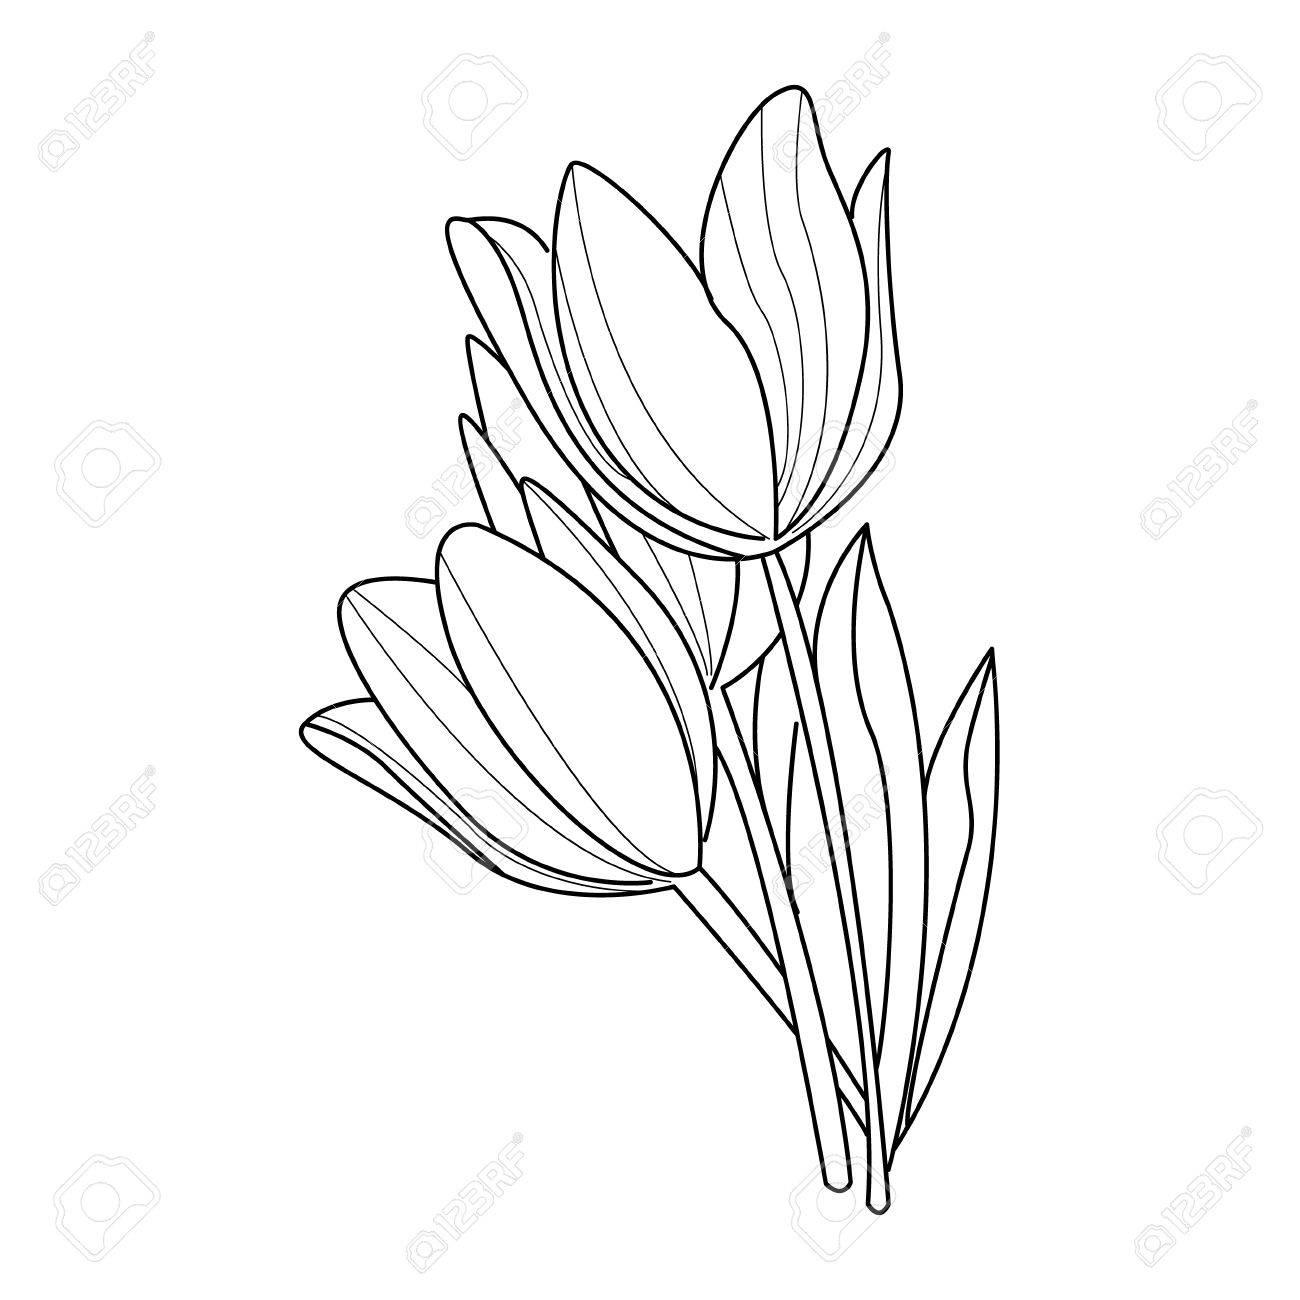 Tulip flowers sketch.